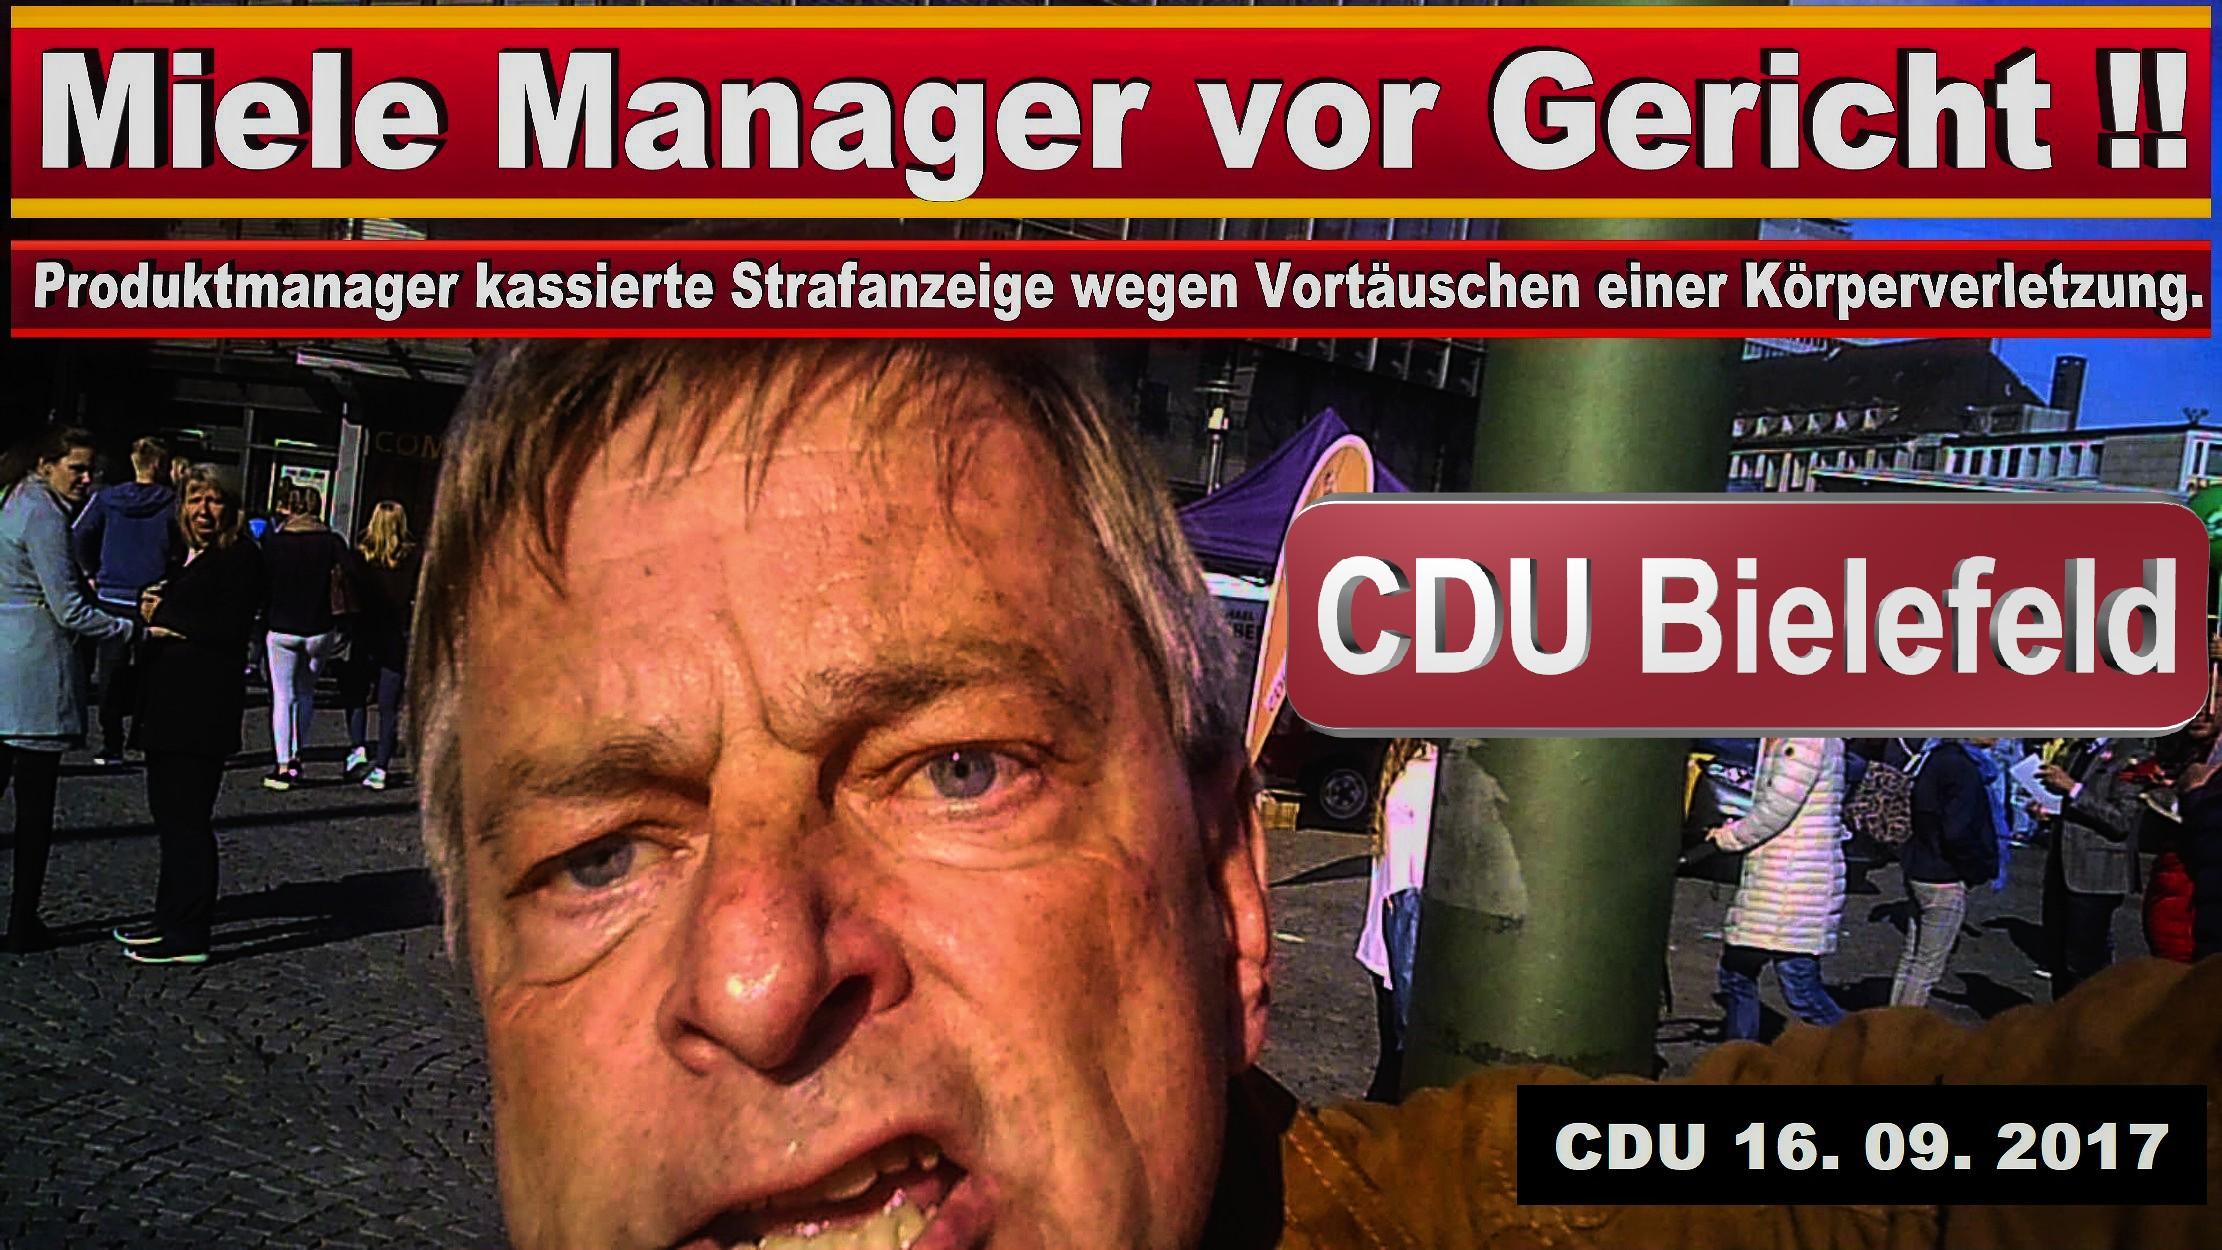 MICHAEL WEBER MIELE GüTERSLOH CDU BIELEFELD POLIZEIGEWALT GEWALTAUSBRUCH UND STRAFANZEIGE GEGEN EINEN JOURNALISTEN FTJU(1) EDIT